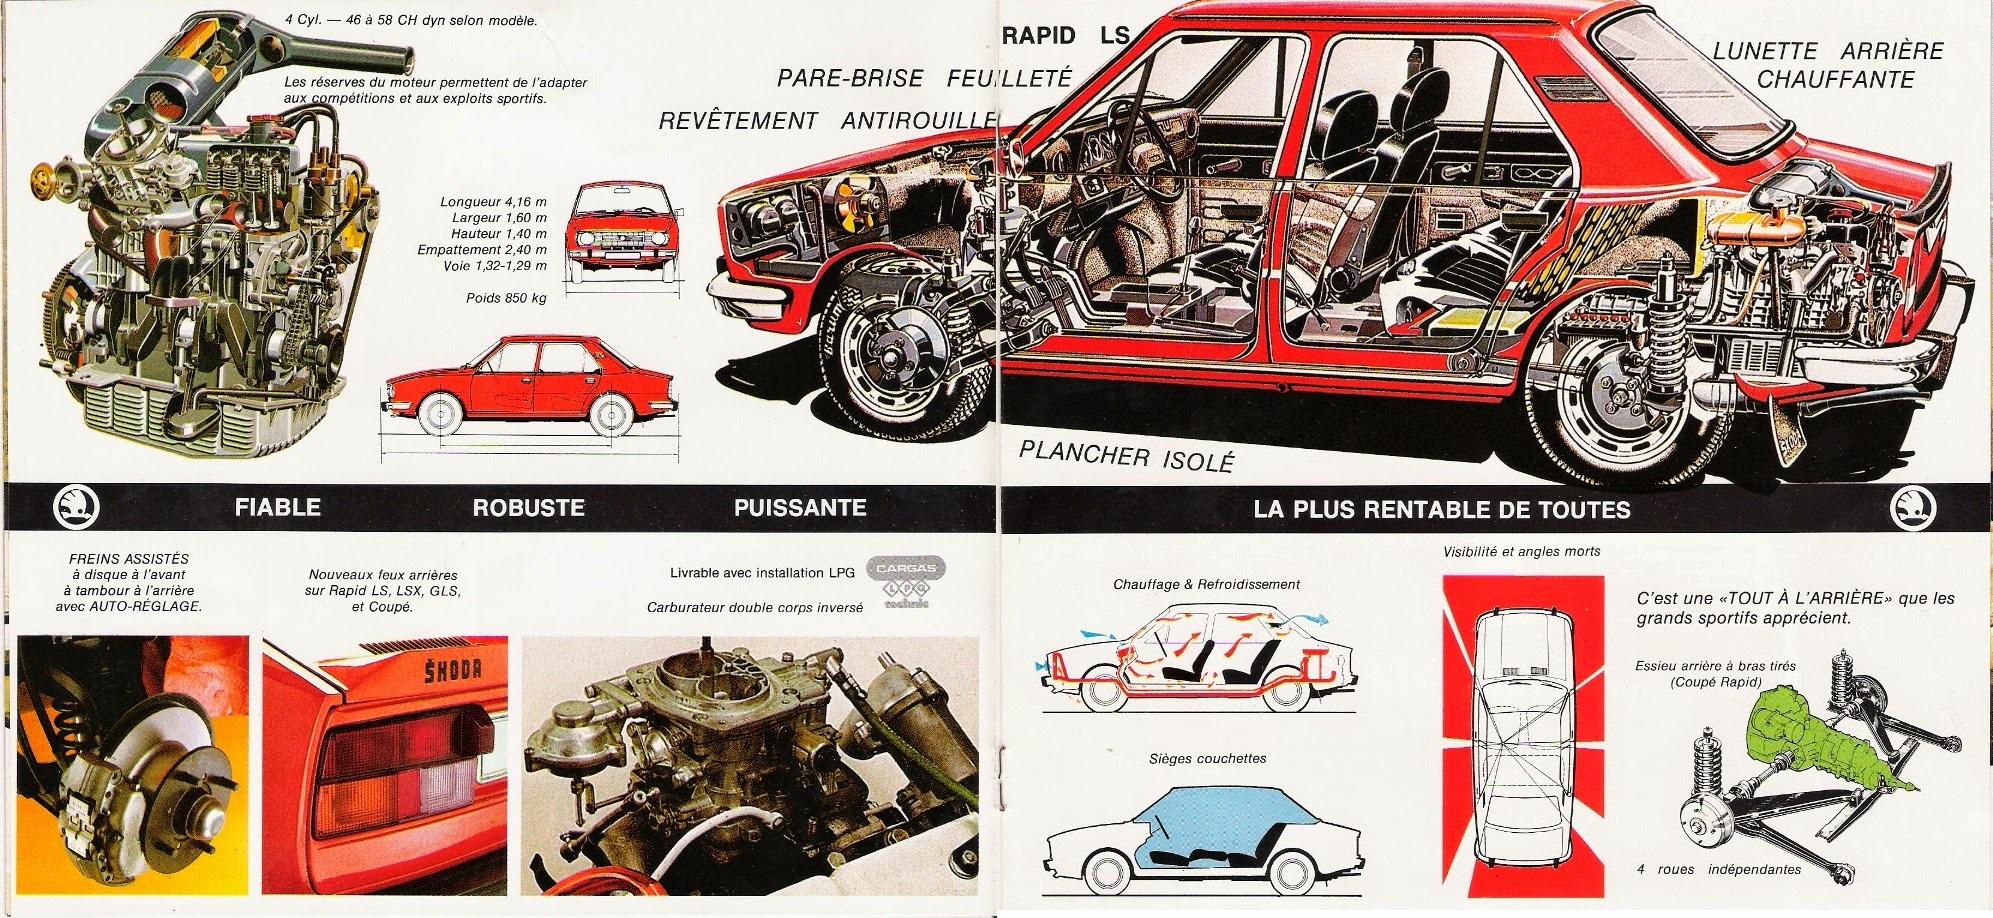 skoda-105-120-prospekty-francuzsky-skoda-rapid-ls-prierez-prevodovka-cervena-3